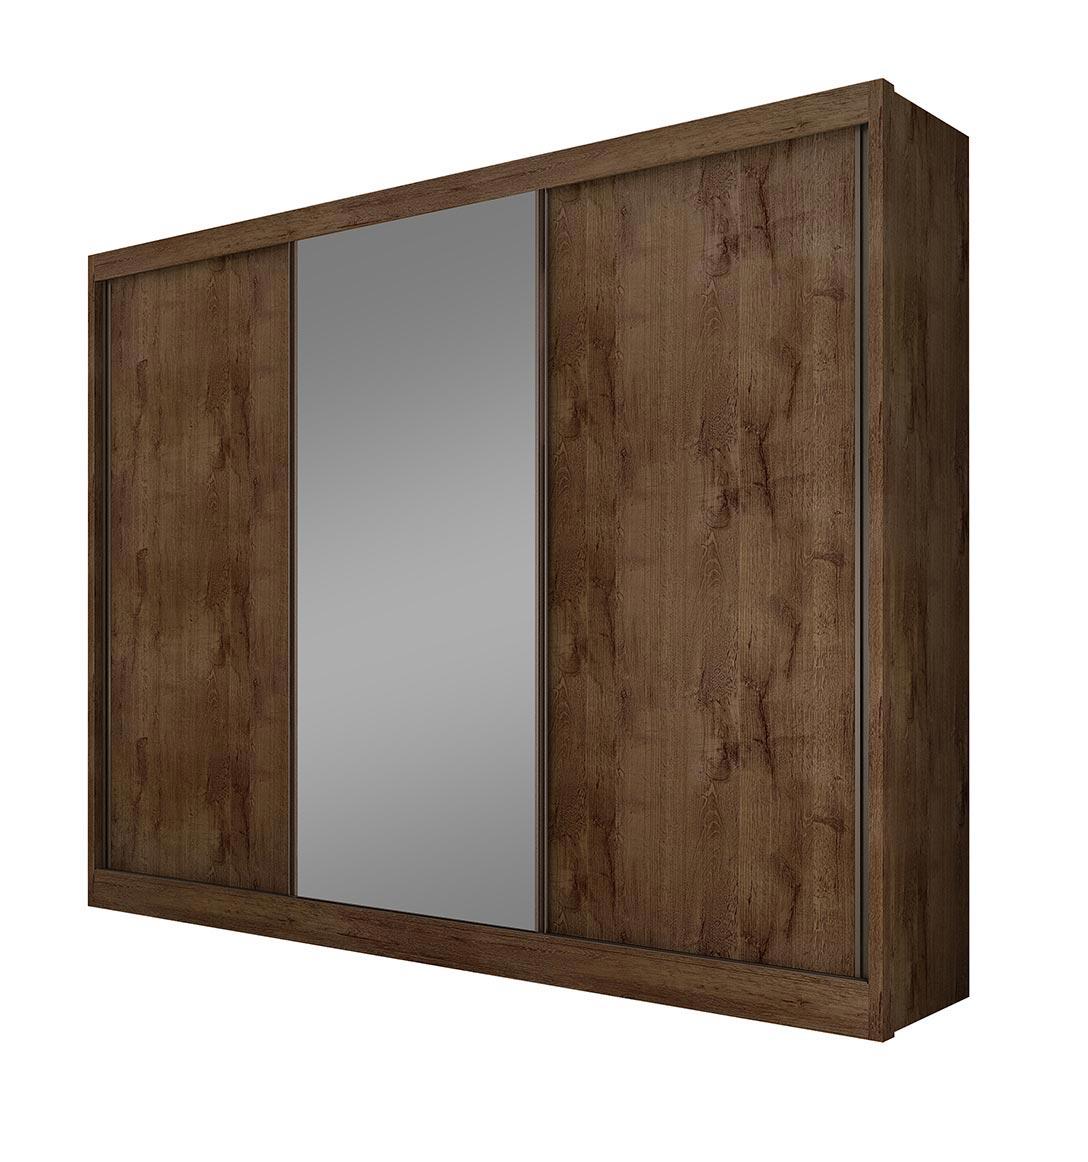 Guarda-roupa Diamond com espelho, de 3 portas - Canela